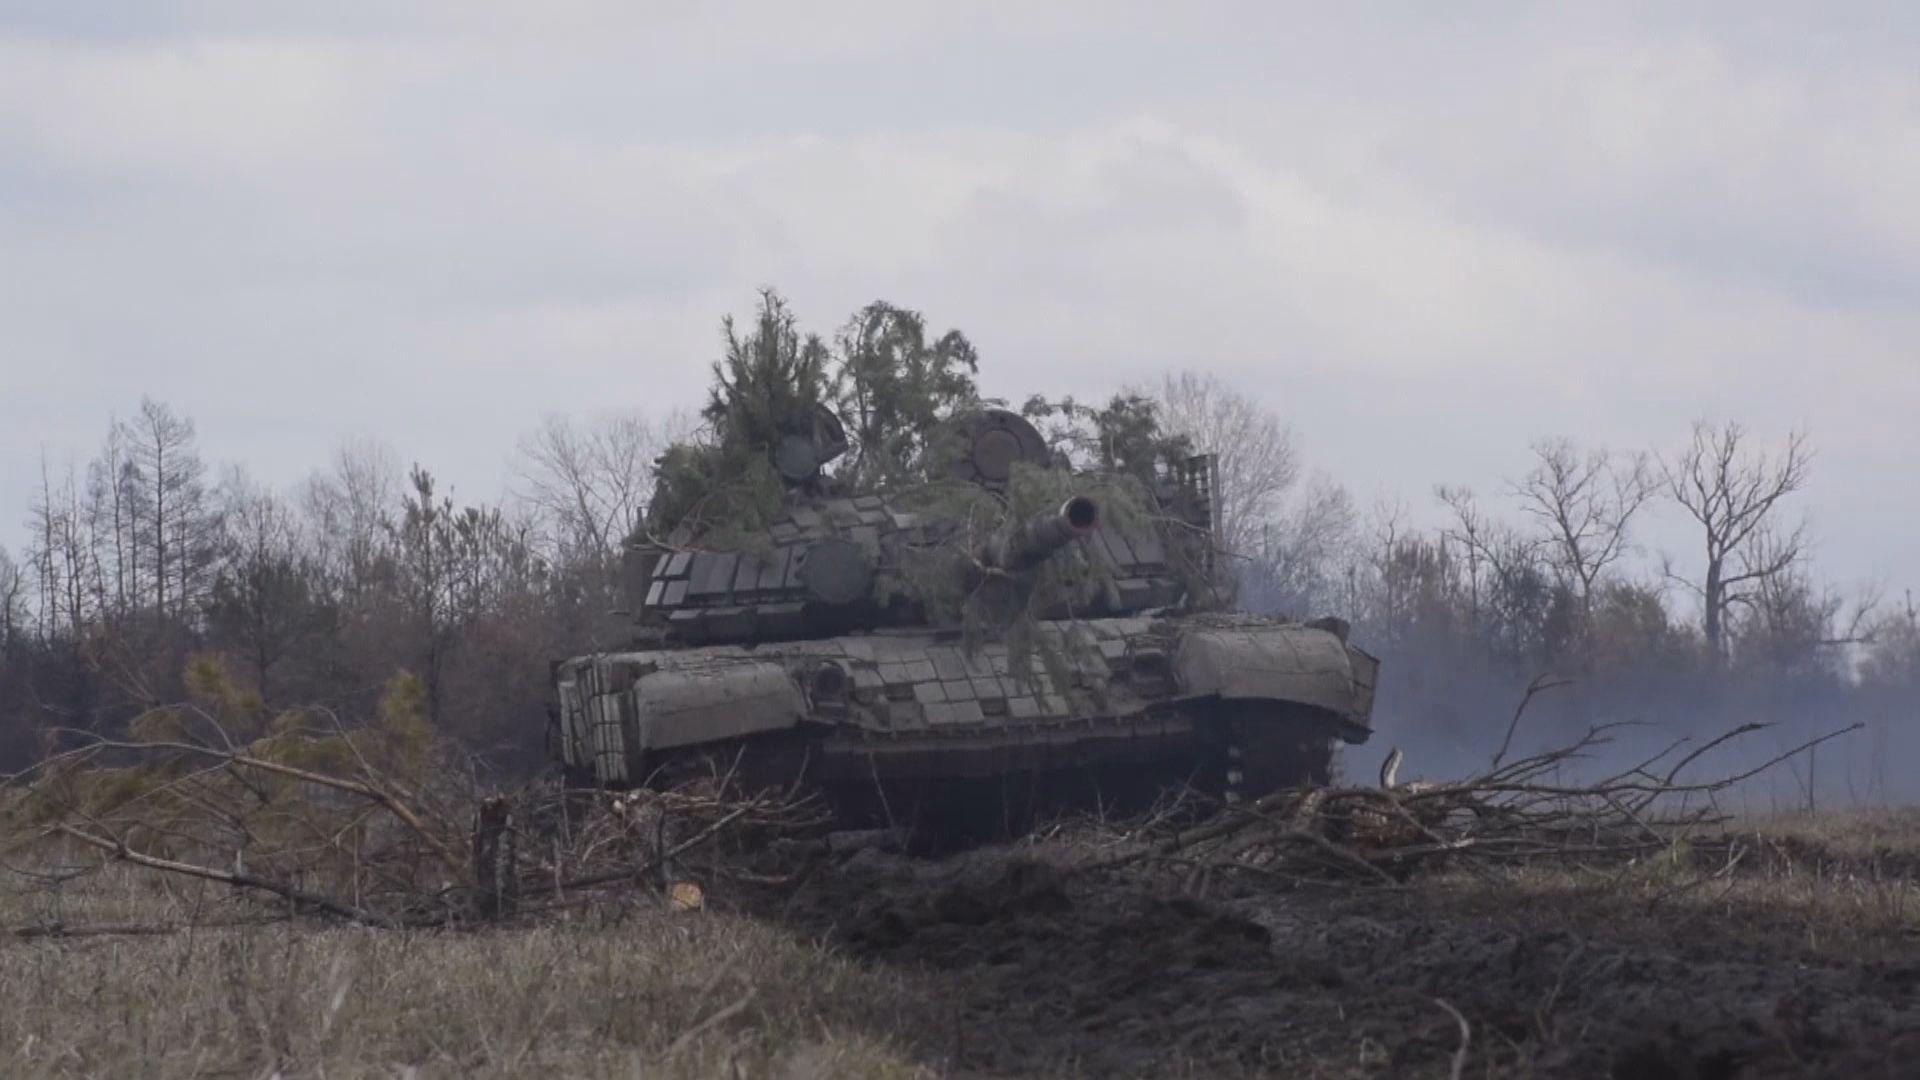 俄羅斯早前向烏克蘭邊境增兵 分析指是美俄的博奕